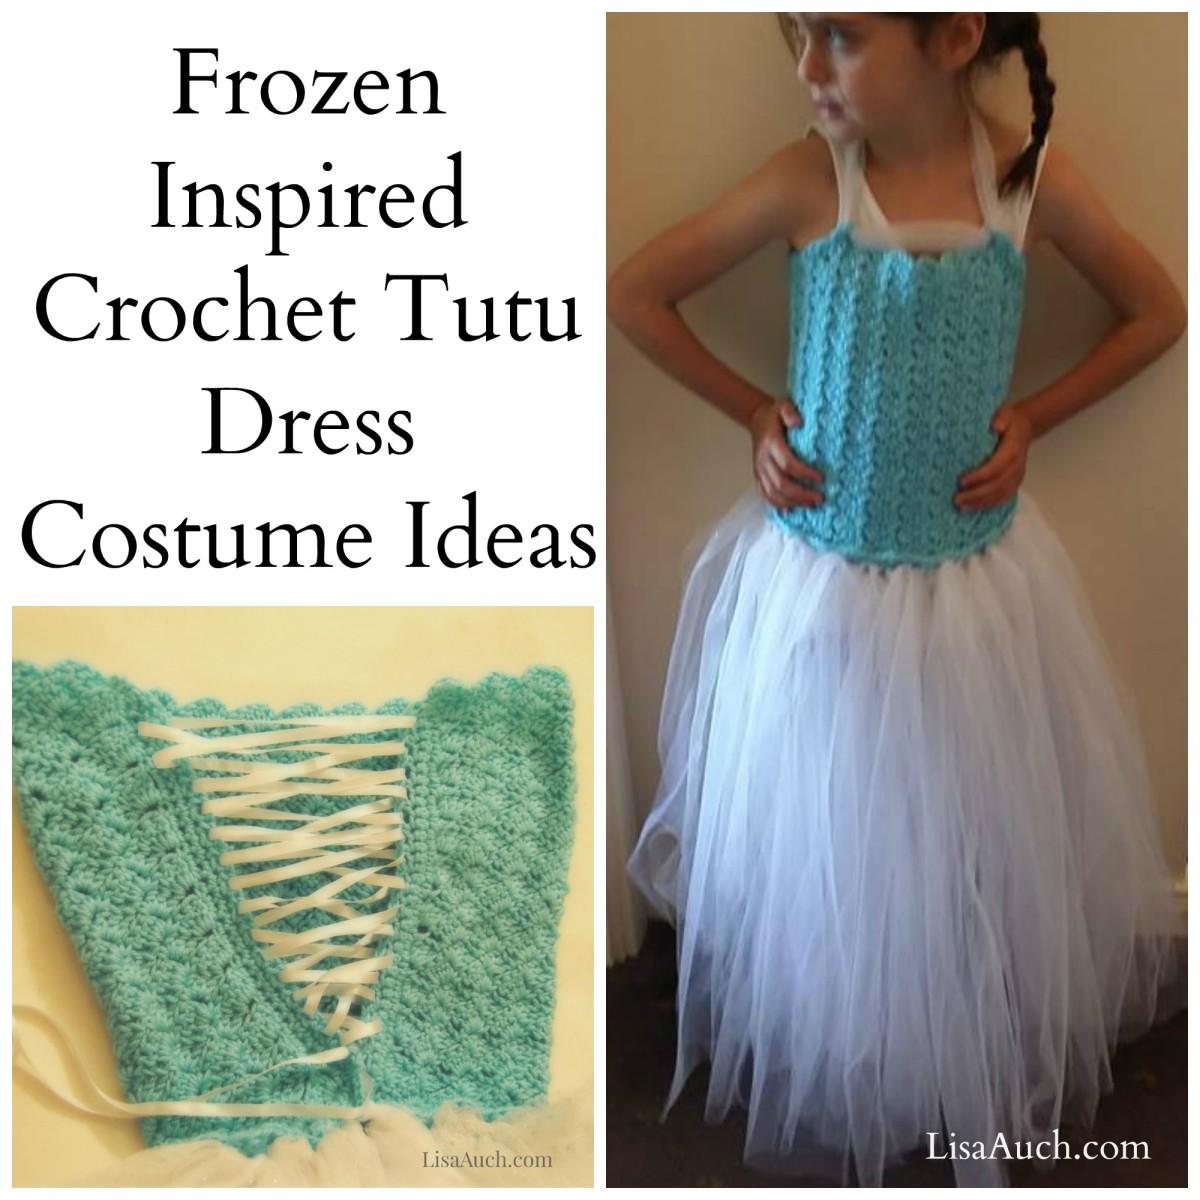 Frozen Costume Ideas - Elsa Inspired Tutu Dress